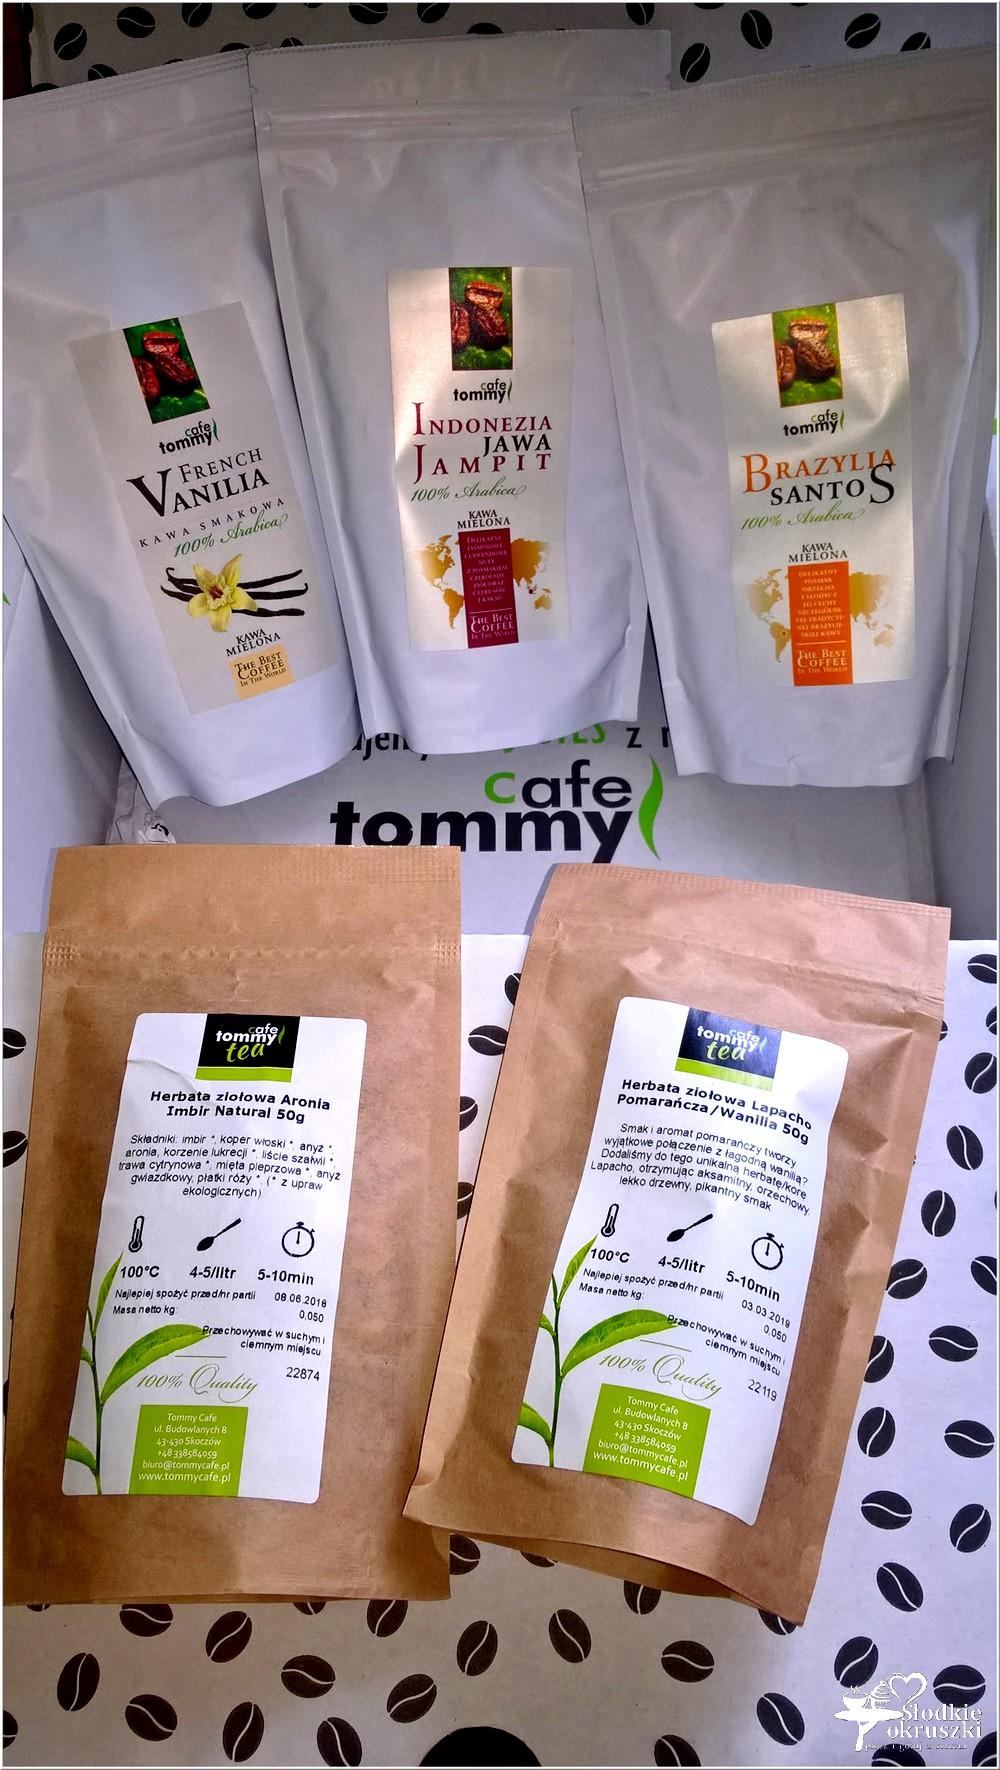 TommyCafe - pyszne kawy i herbaty